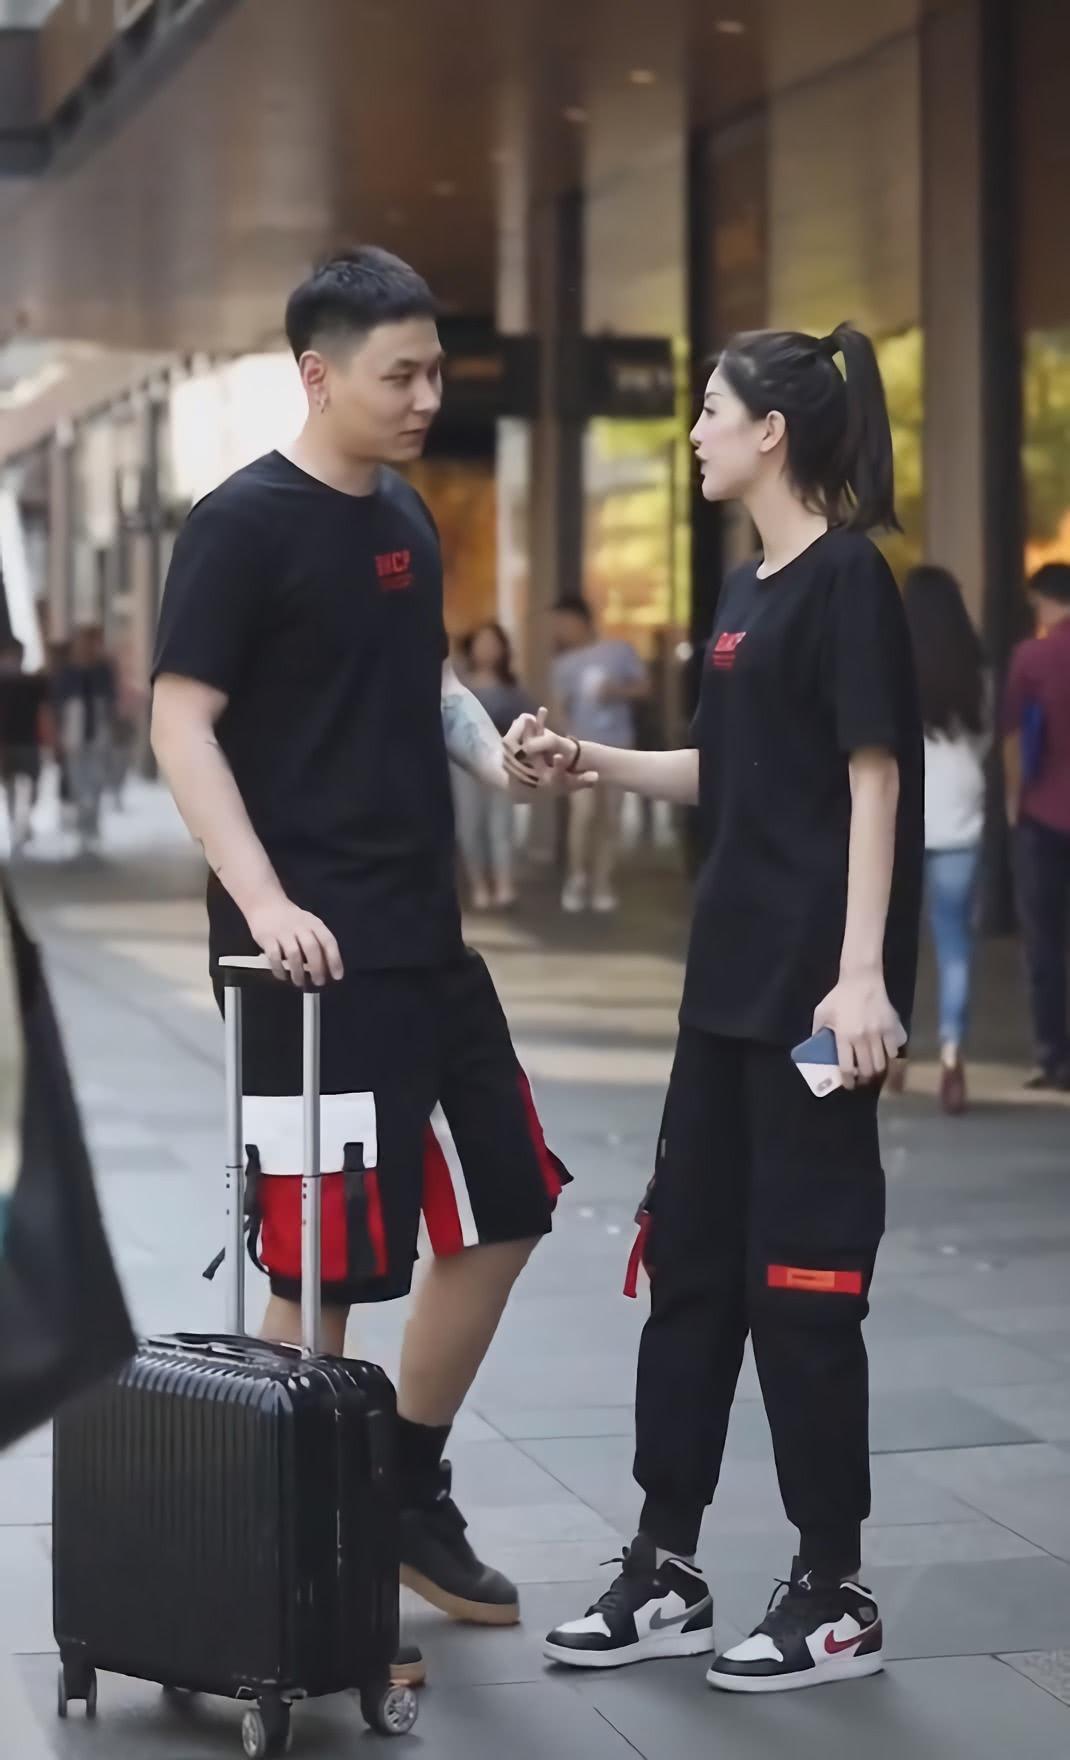 这对情侣真不怕热,一个穿AJ鞋配长裤,一个穿短靴配长袜子